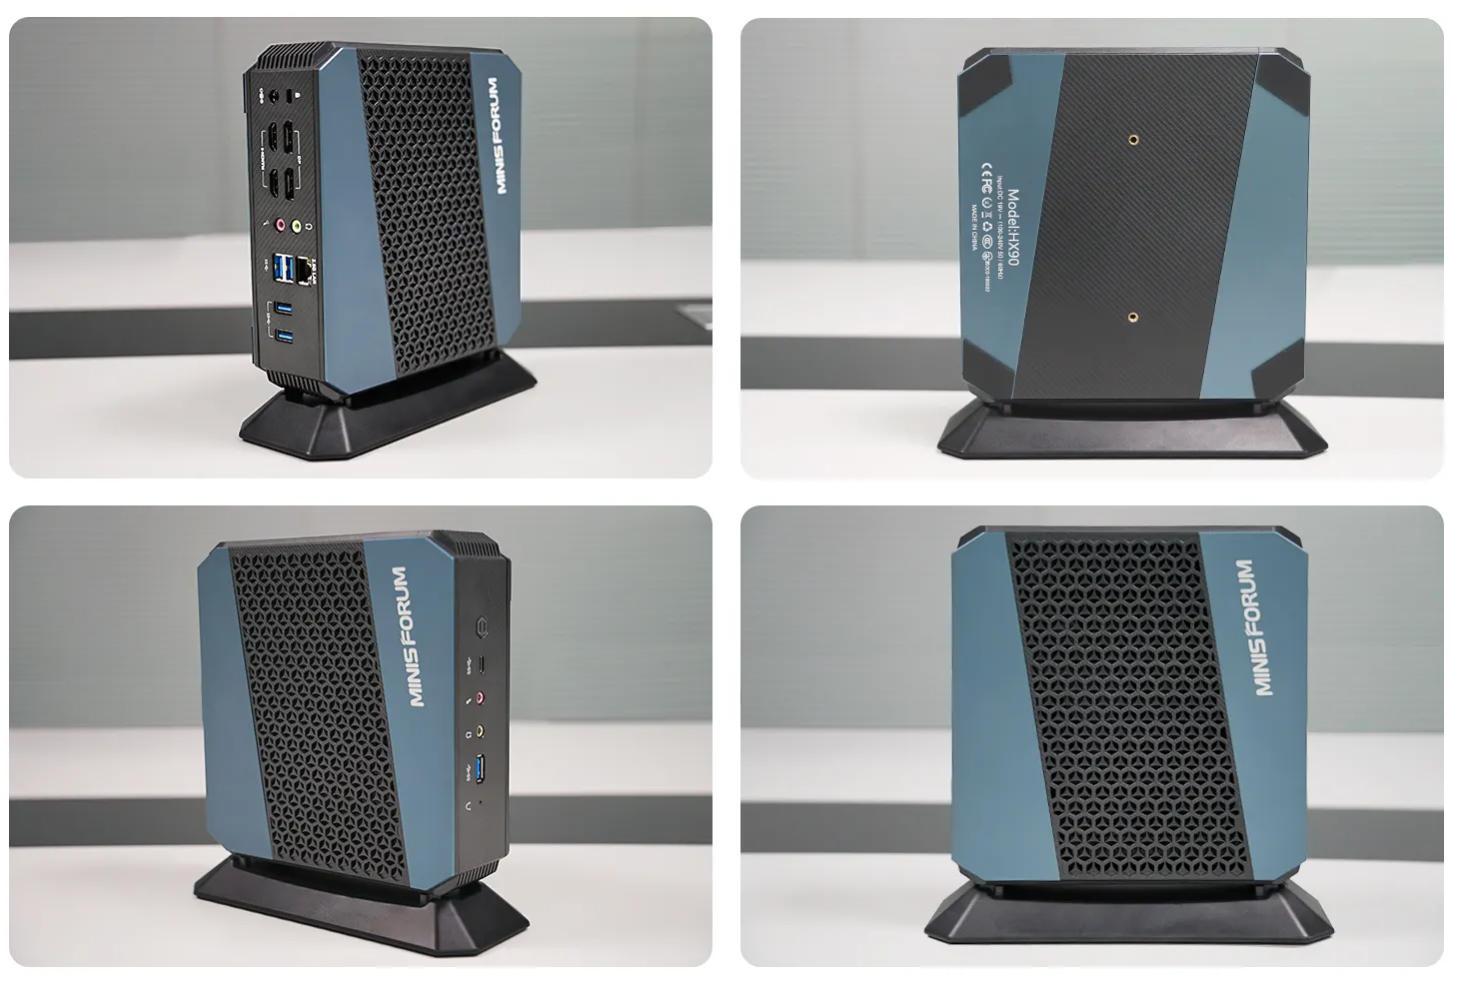 Minisforum EliteMini HX90